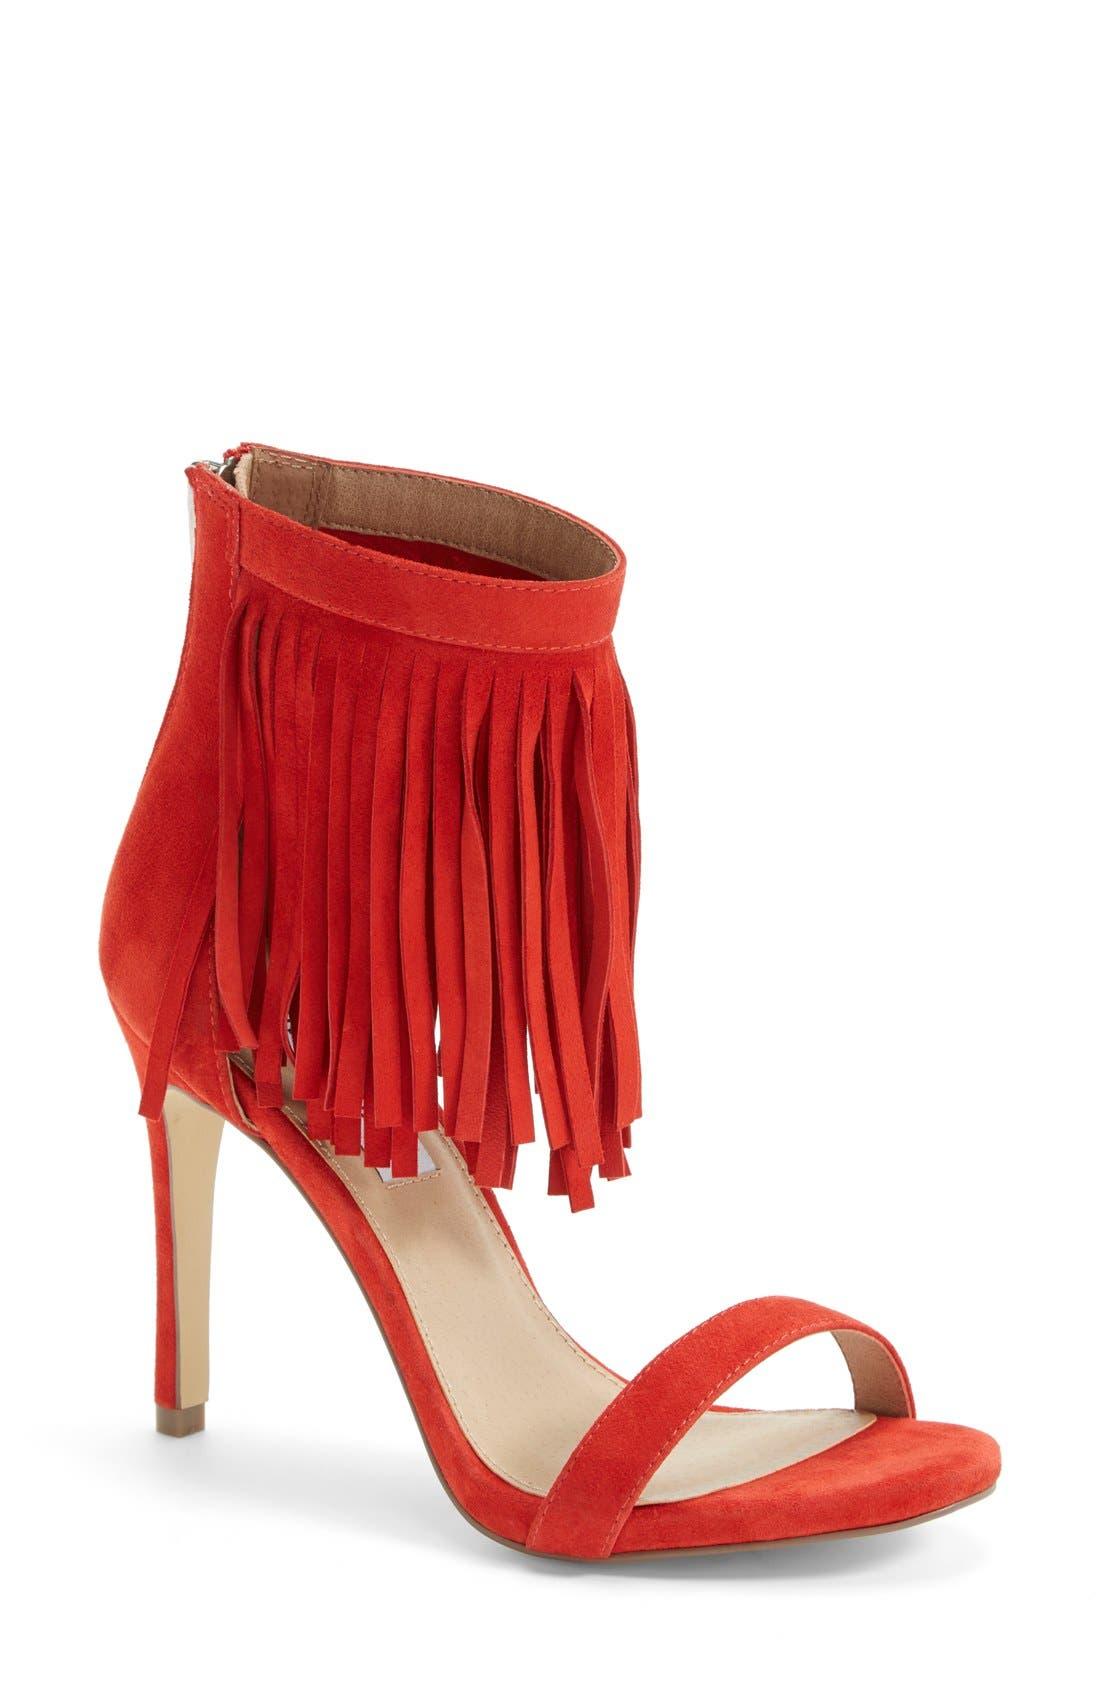 Alternate Image 1 Selected - Steve Madden 'Staarz' Ankle Fringe Sandal (Women)